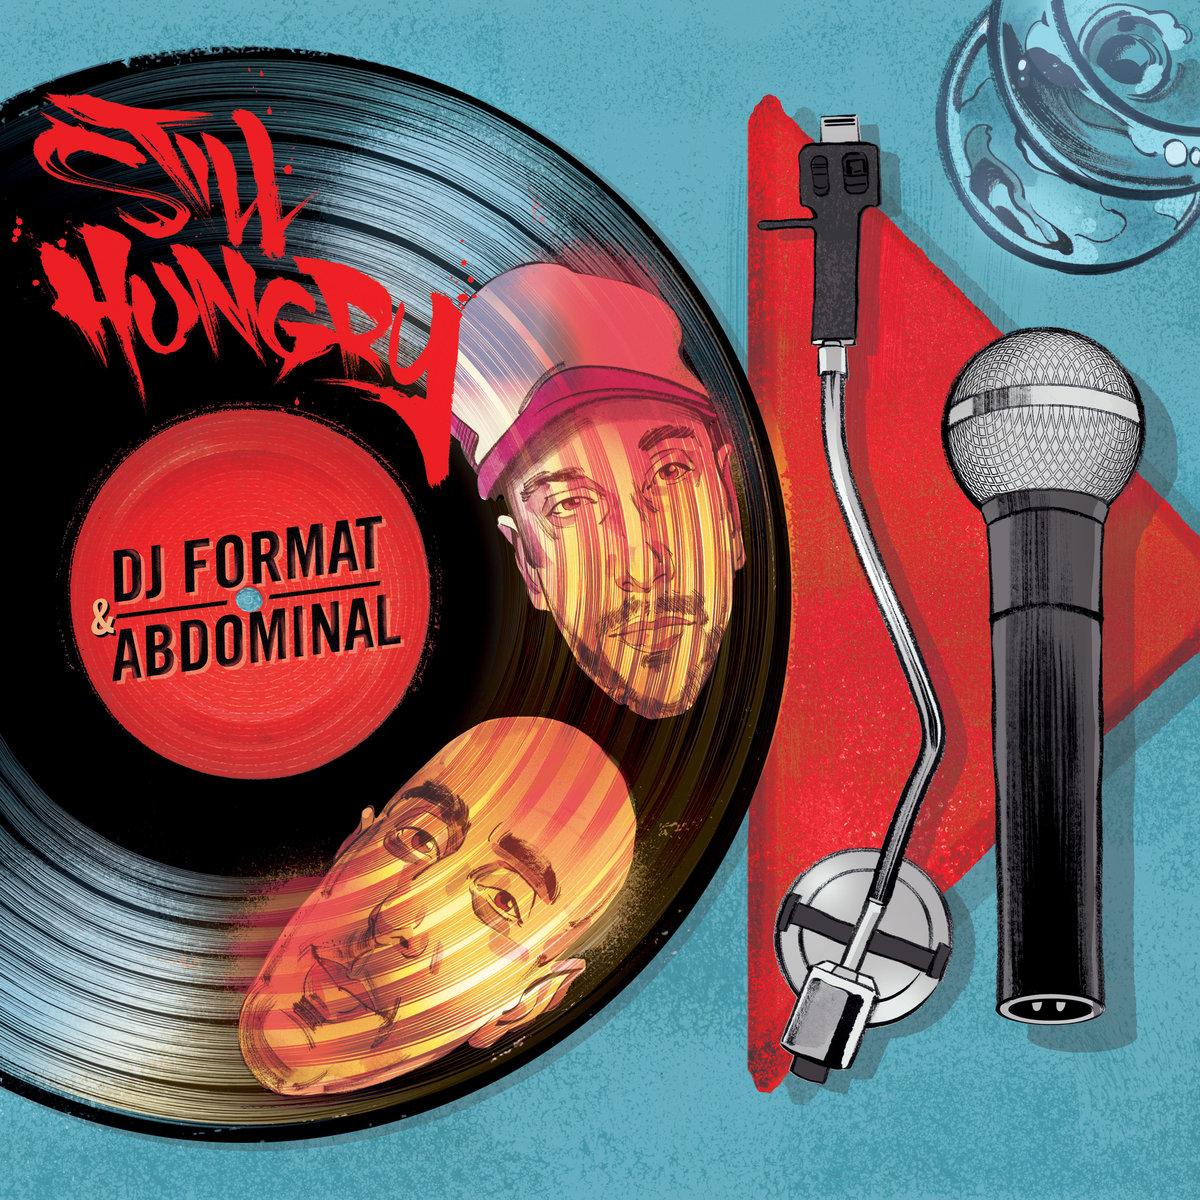 DJ FORMAT & ABDOMINAL : DIAMOND HAMMER